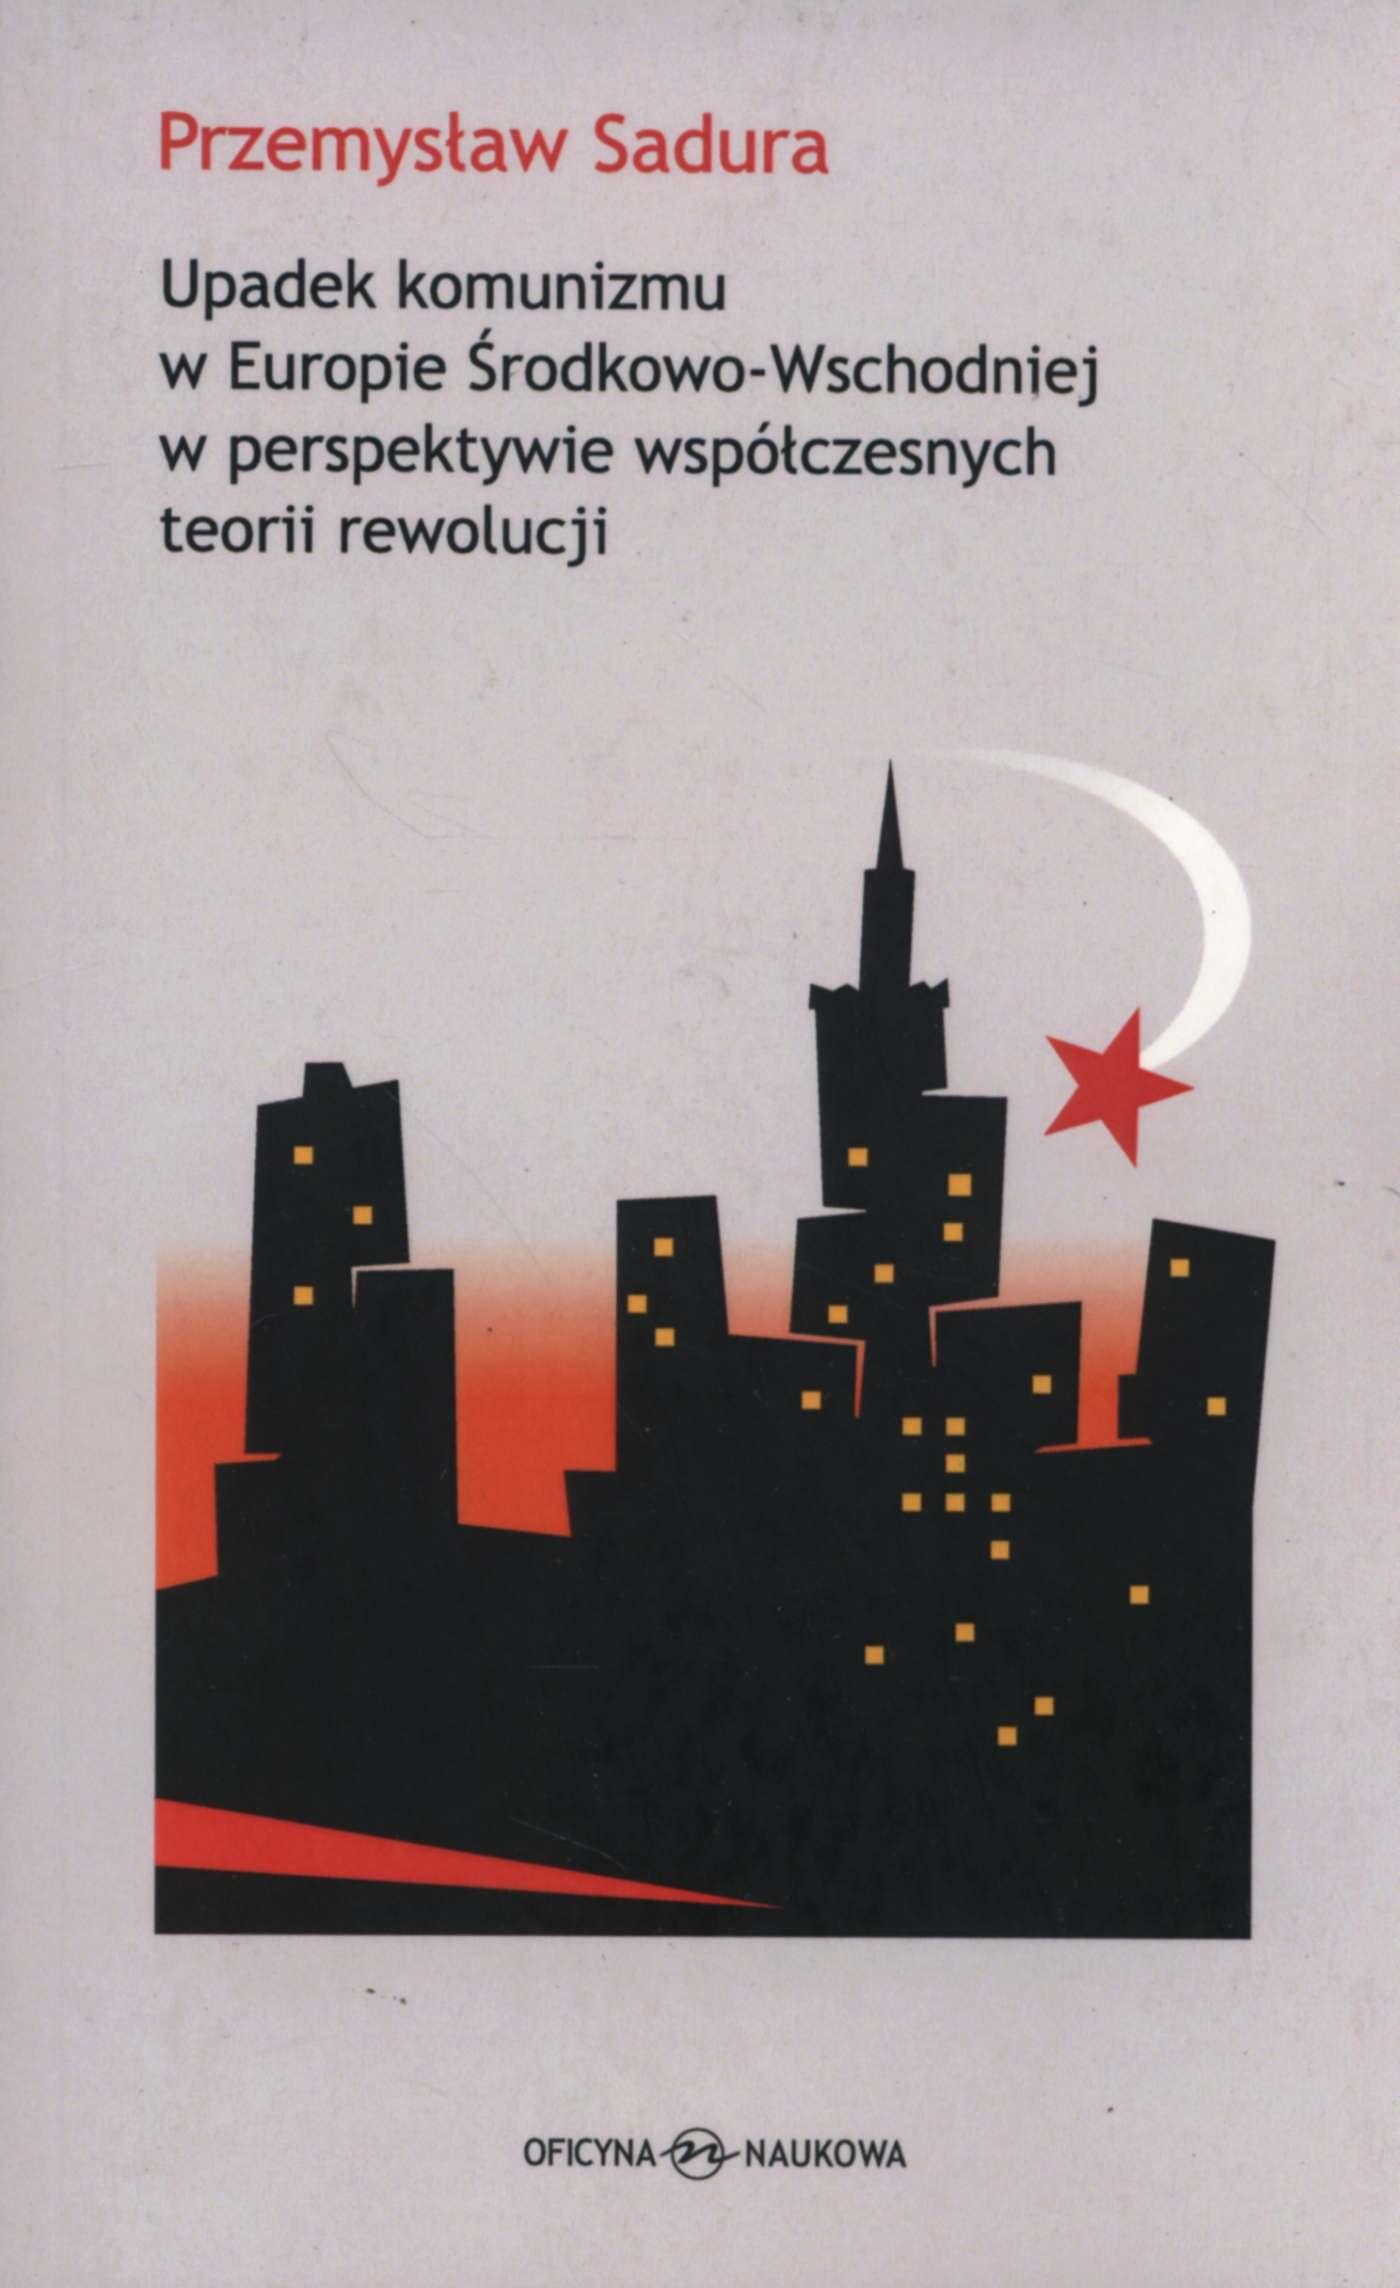 Upadek komunizmu w Europie Środkowo-Wschodniej  w perspektywie współczesnych teorii rewolucji - Ebook (Książka PDF) do pobrania w formacie PDF